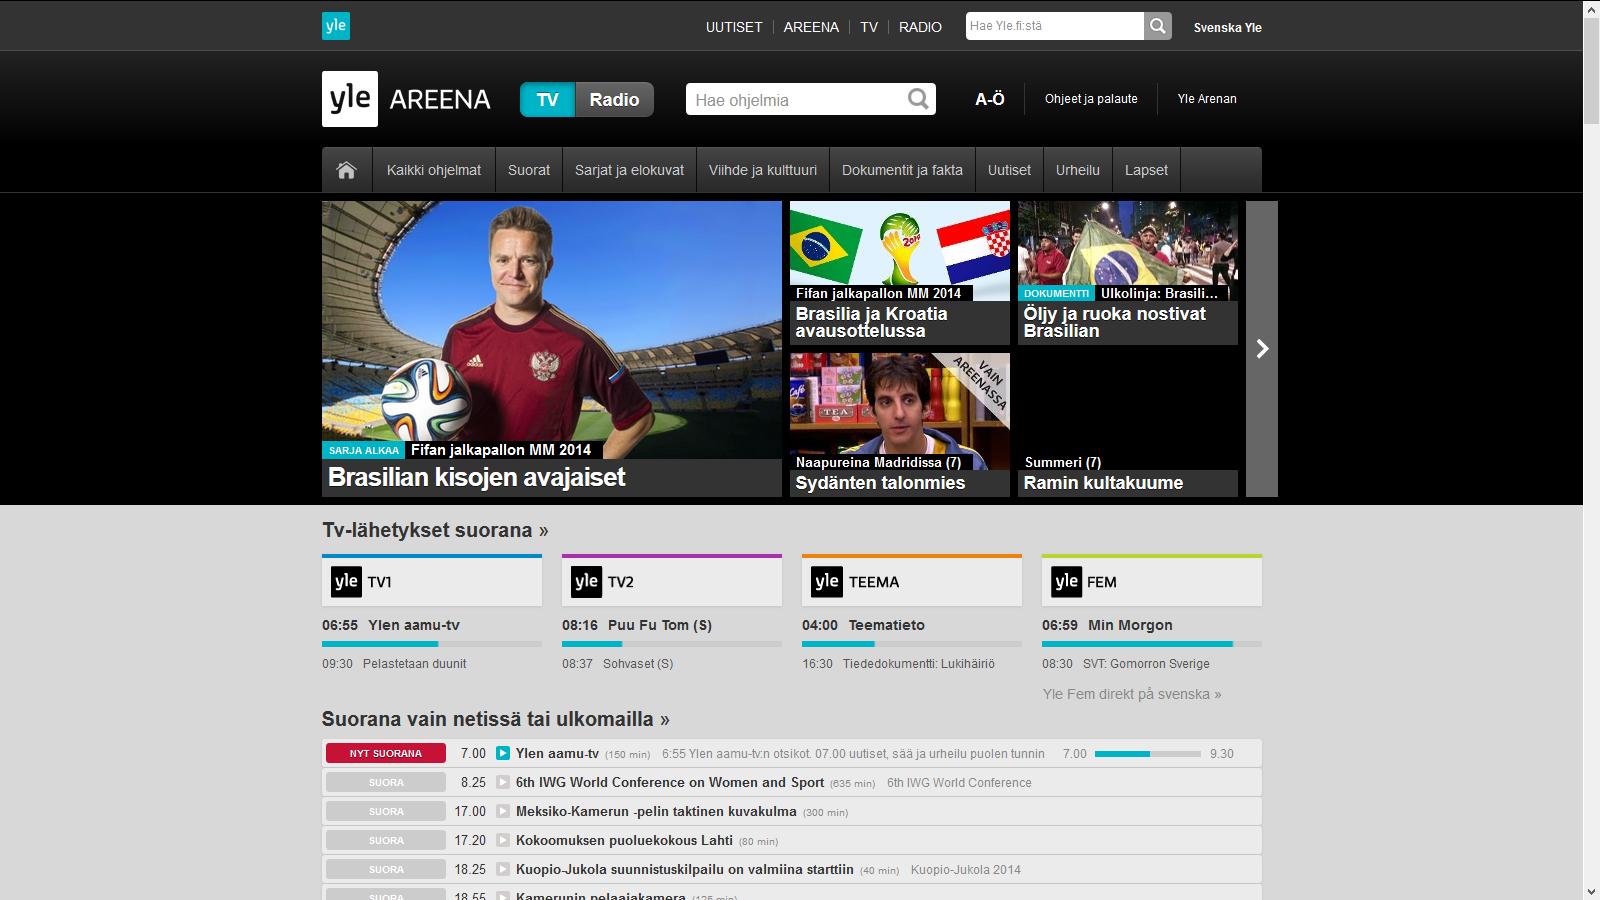 http://areena.yle.fi/tv